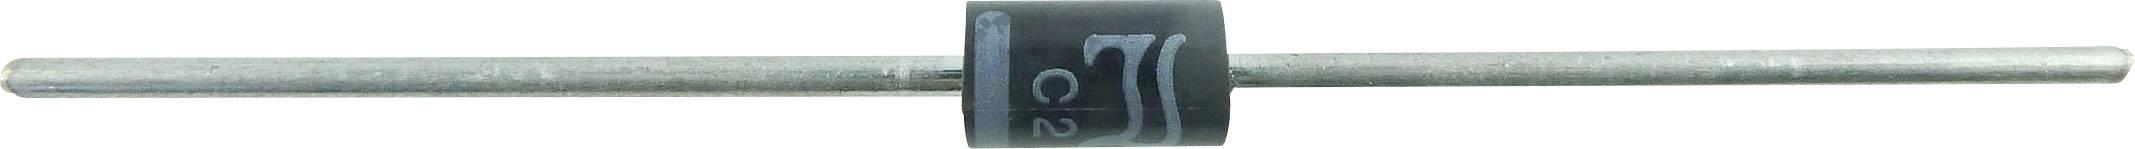 Schottkyho usmerňovacia dióda Diotec SB3100, 3 A, 100 V